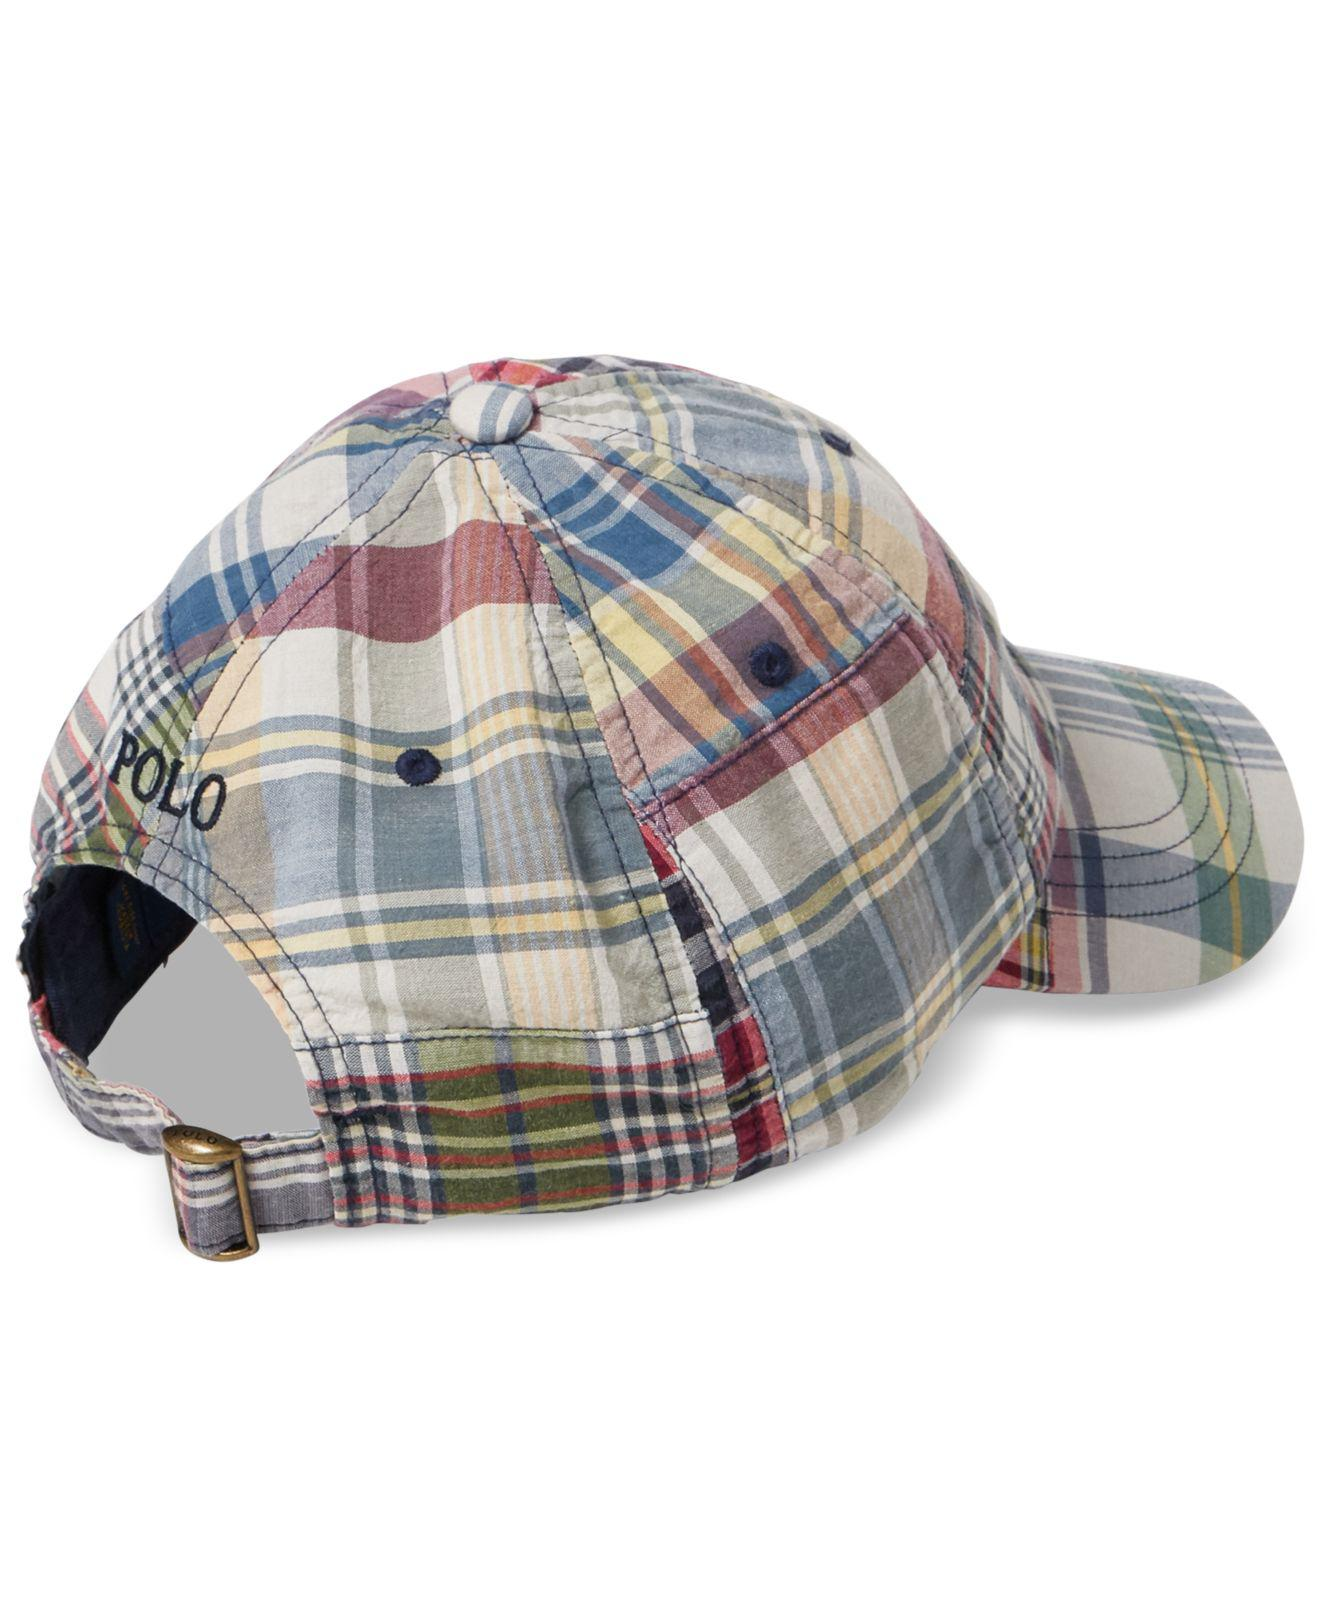 298ad479c93 Lyst - Polo Ralph Lauren Madras Baseball Cap for Men